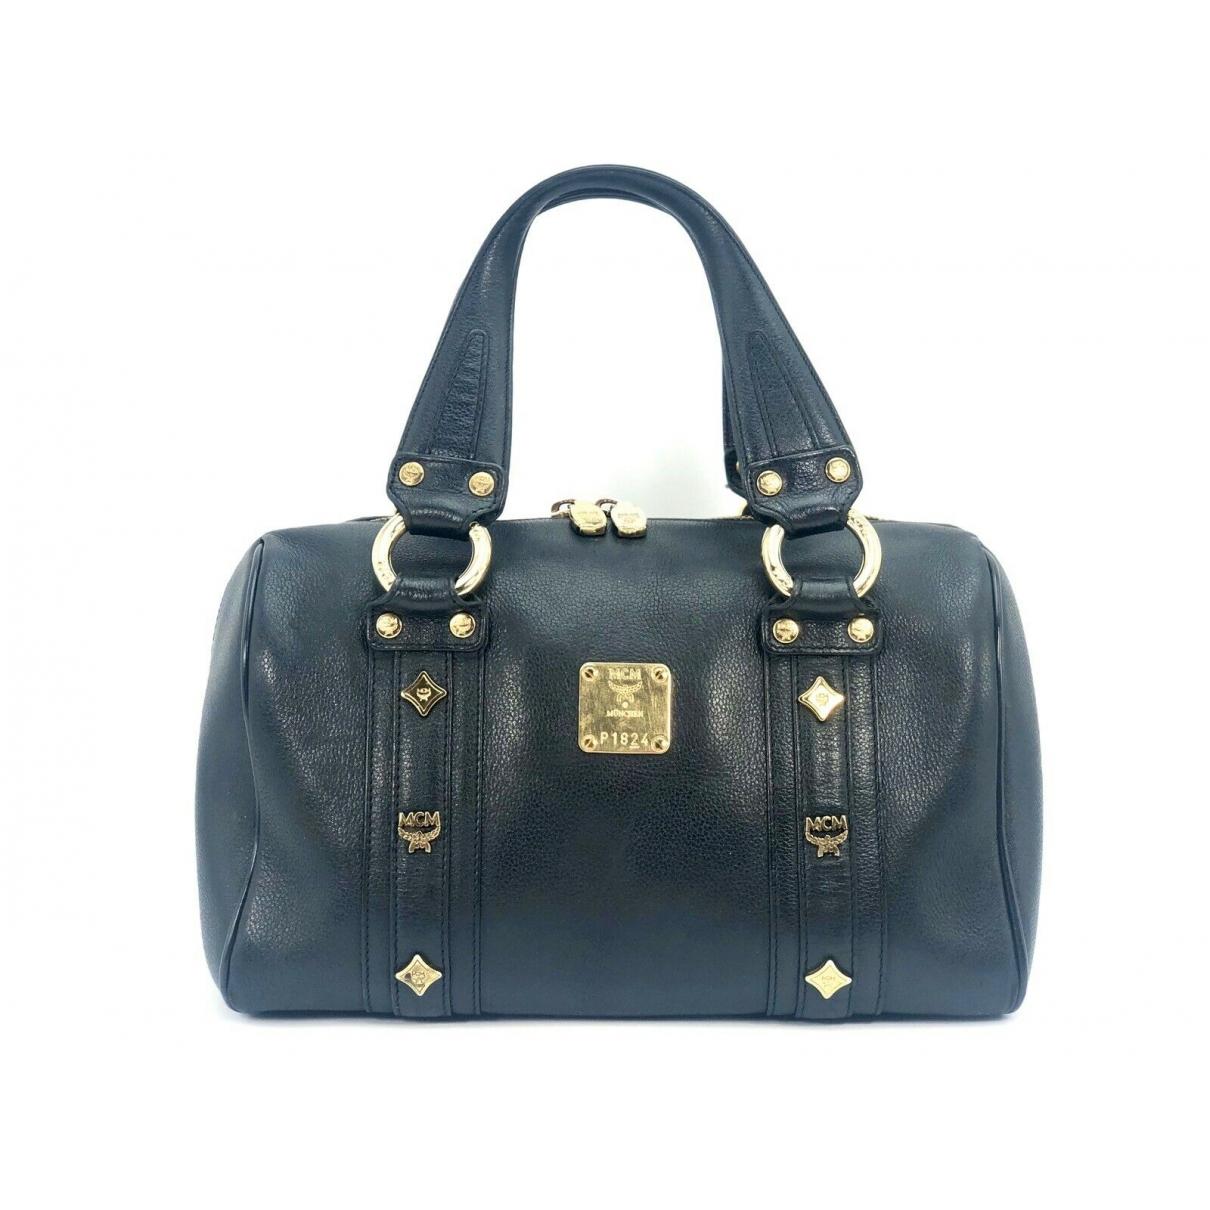 Mcm Boston Handtasche in  Schwarz Leder